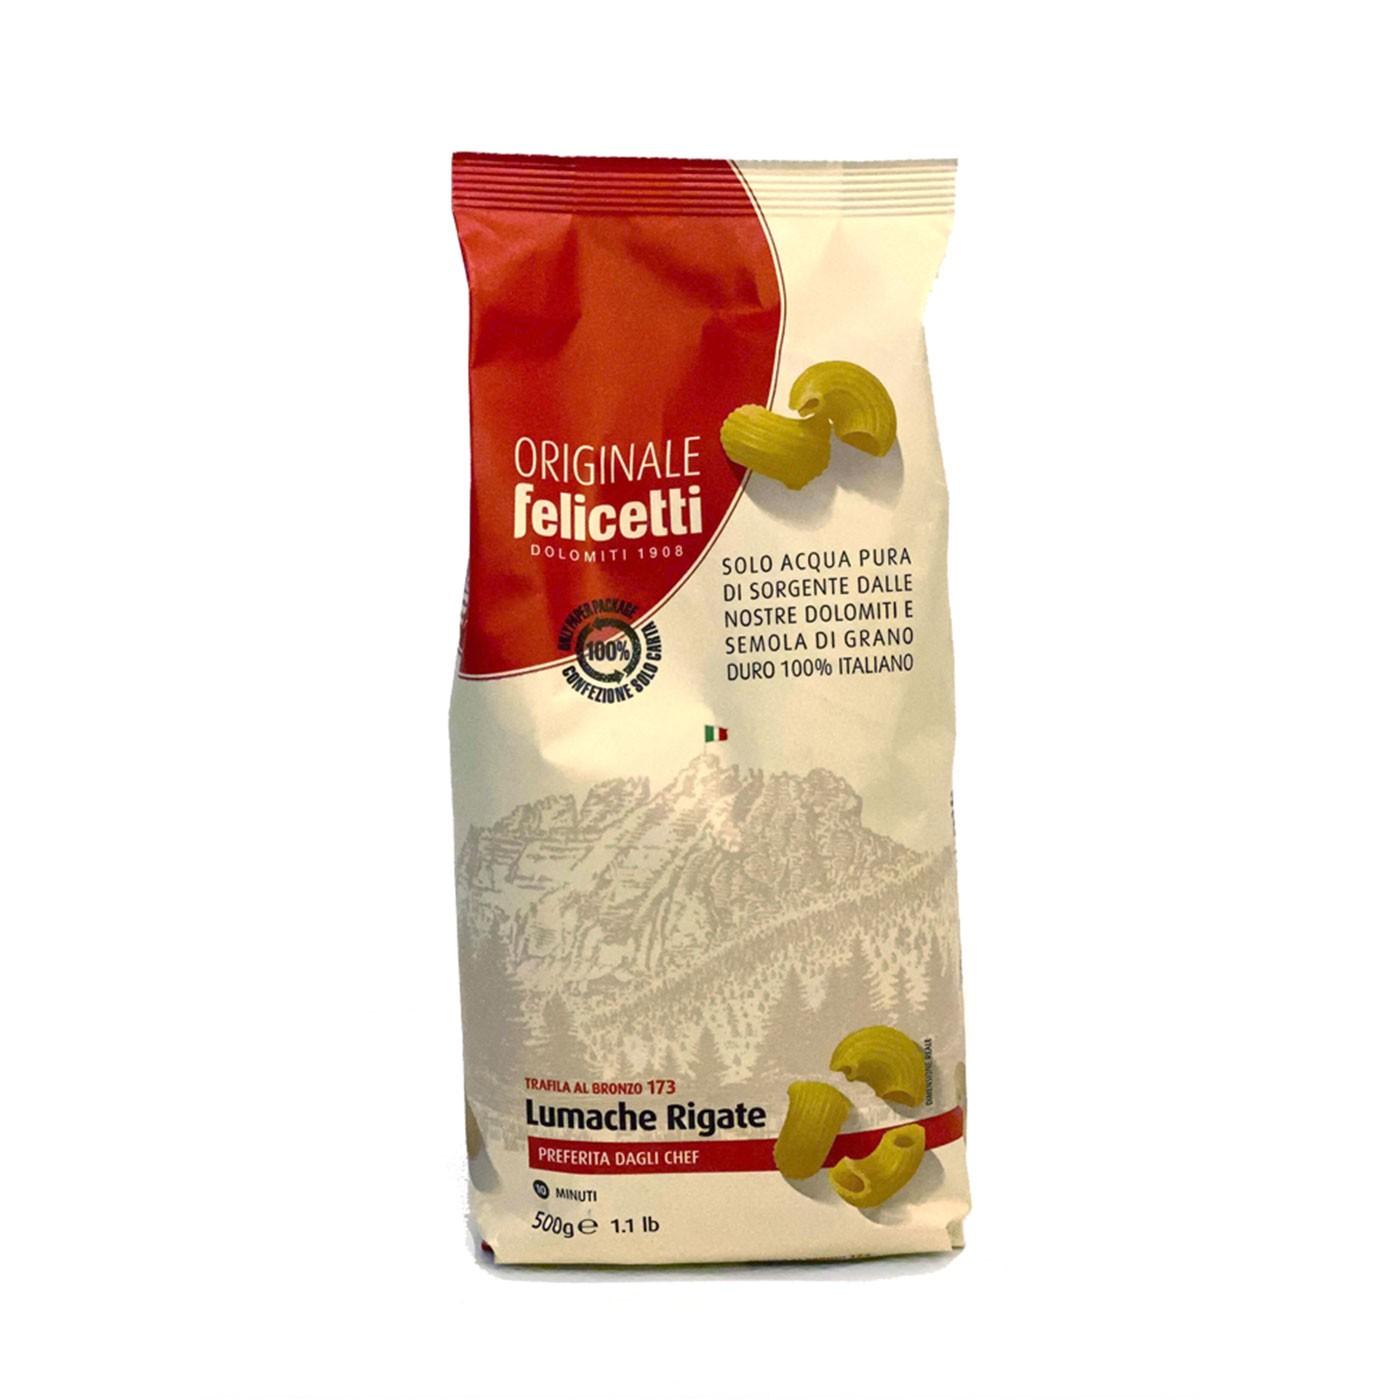 Lumache Rigate 17.6 oz - Felicetti